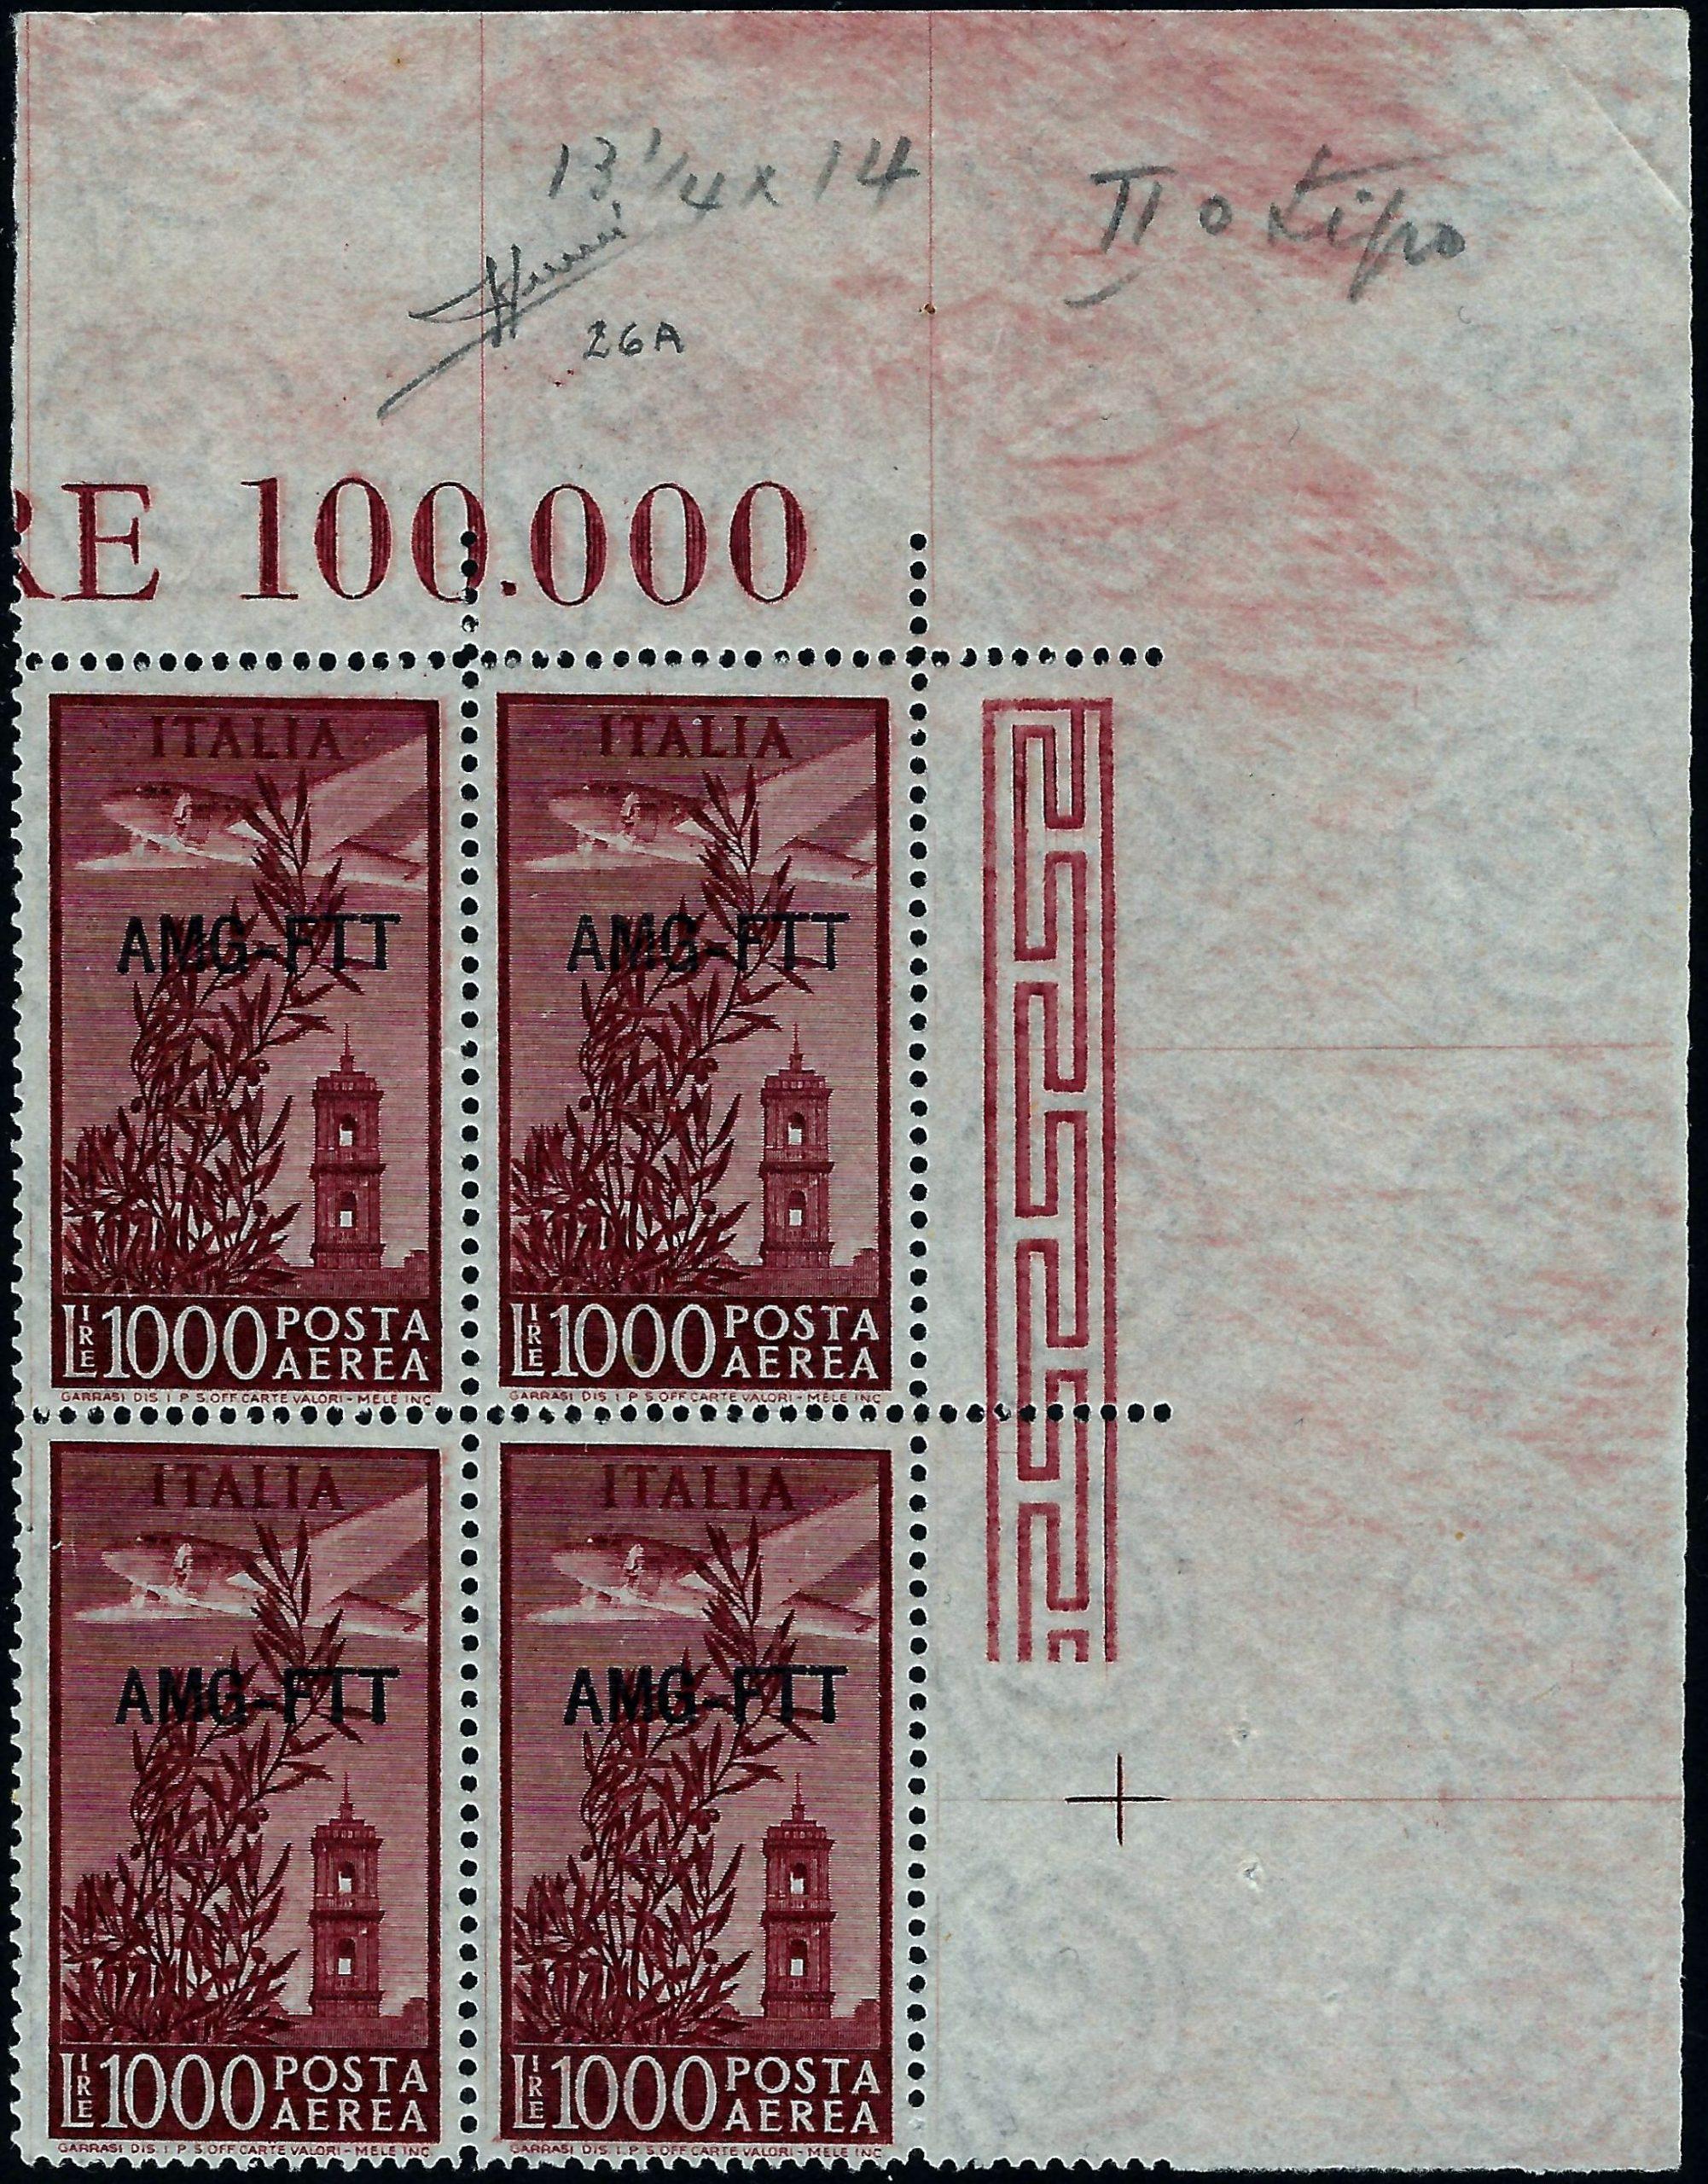 1952 Trieste A Lire 1000 Certificato Sorani